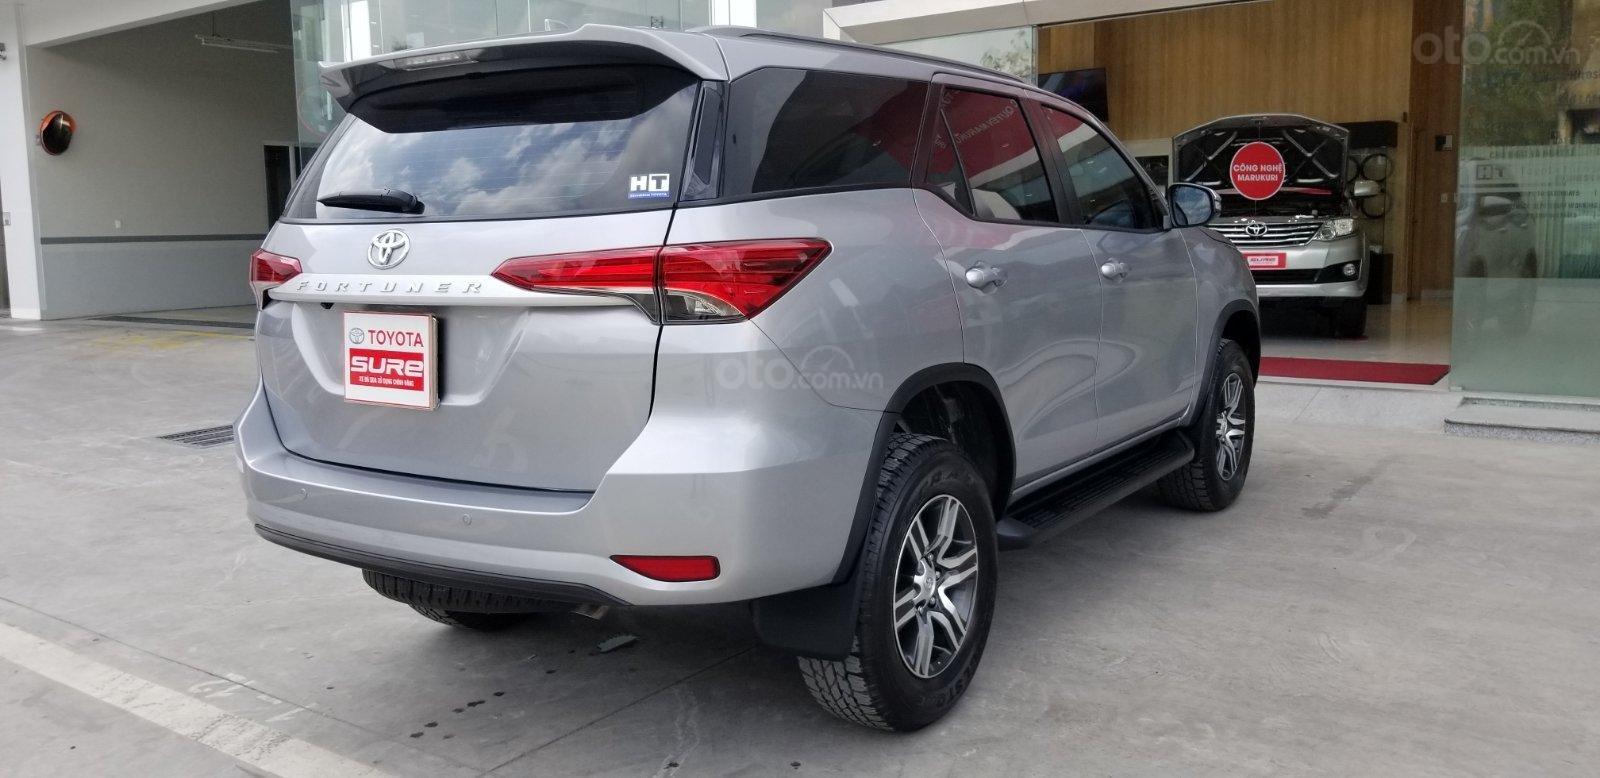 Cần mua bán Toyota Fortuner 2.4G dầu T7/2019, bạc lướt 7.500km, giá rẻ (7)